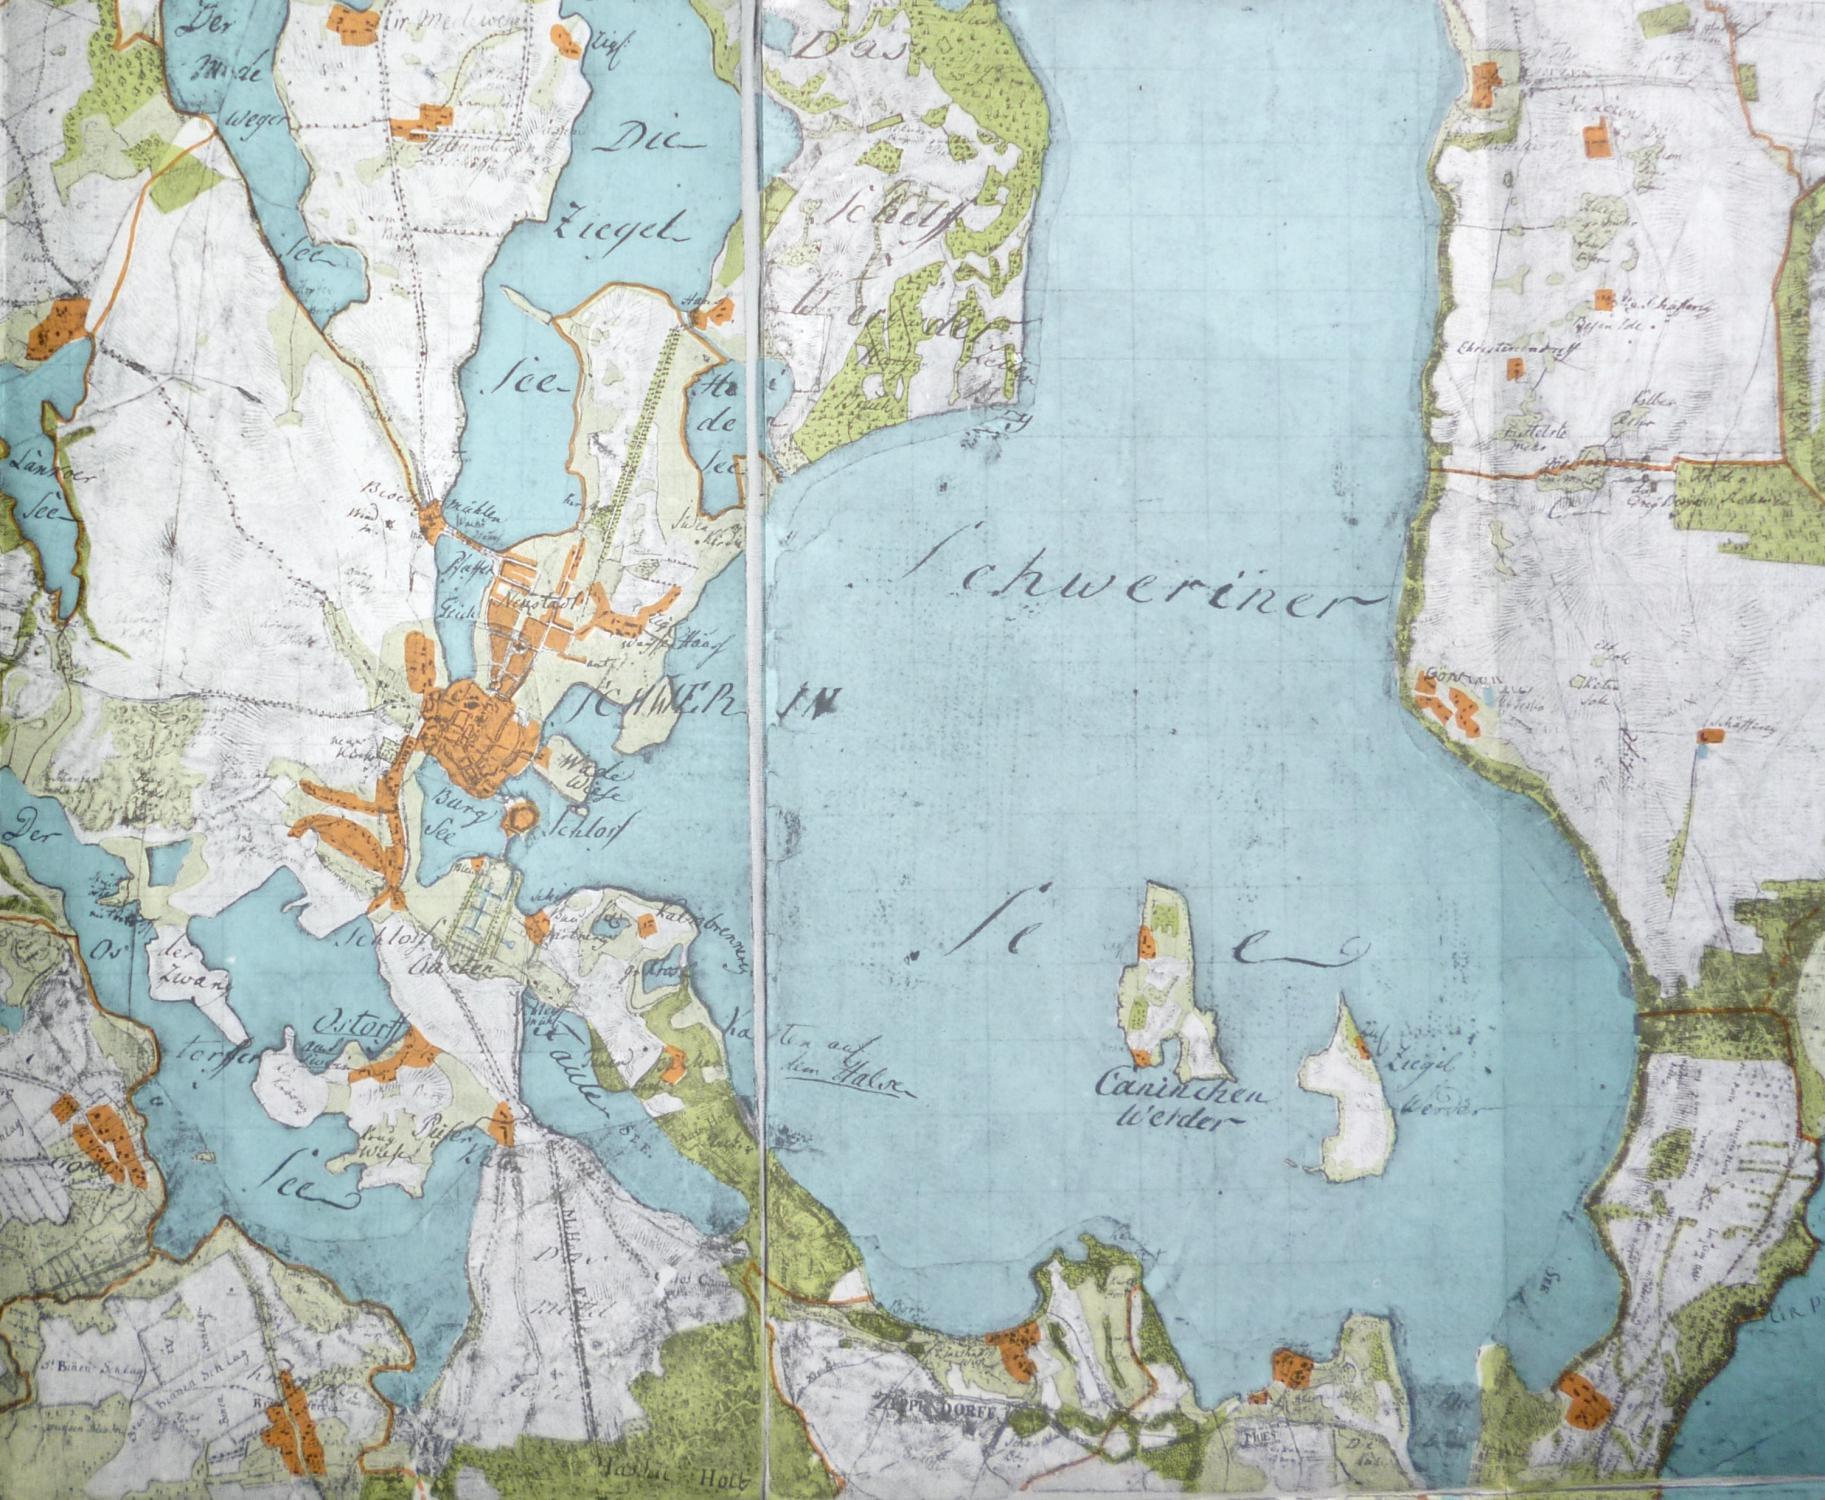 Wiebekingsche Karte Von Mecklenburg Um 1786 1 25000 Blatt 21